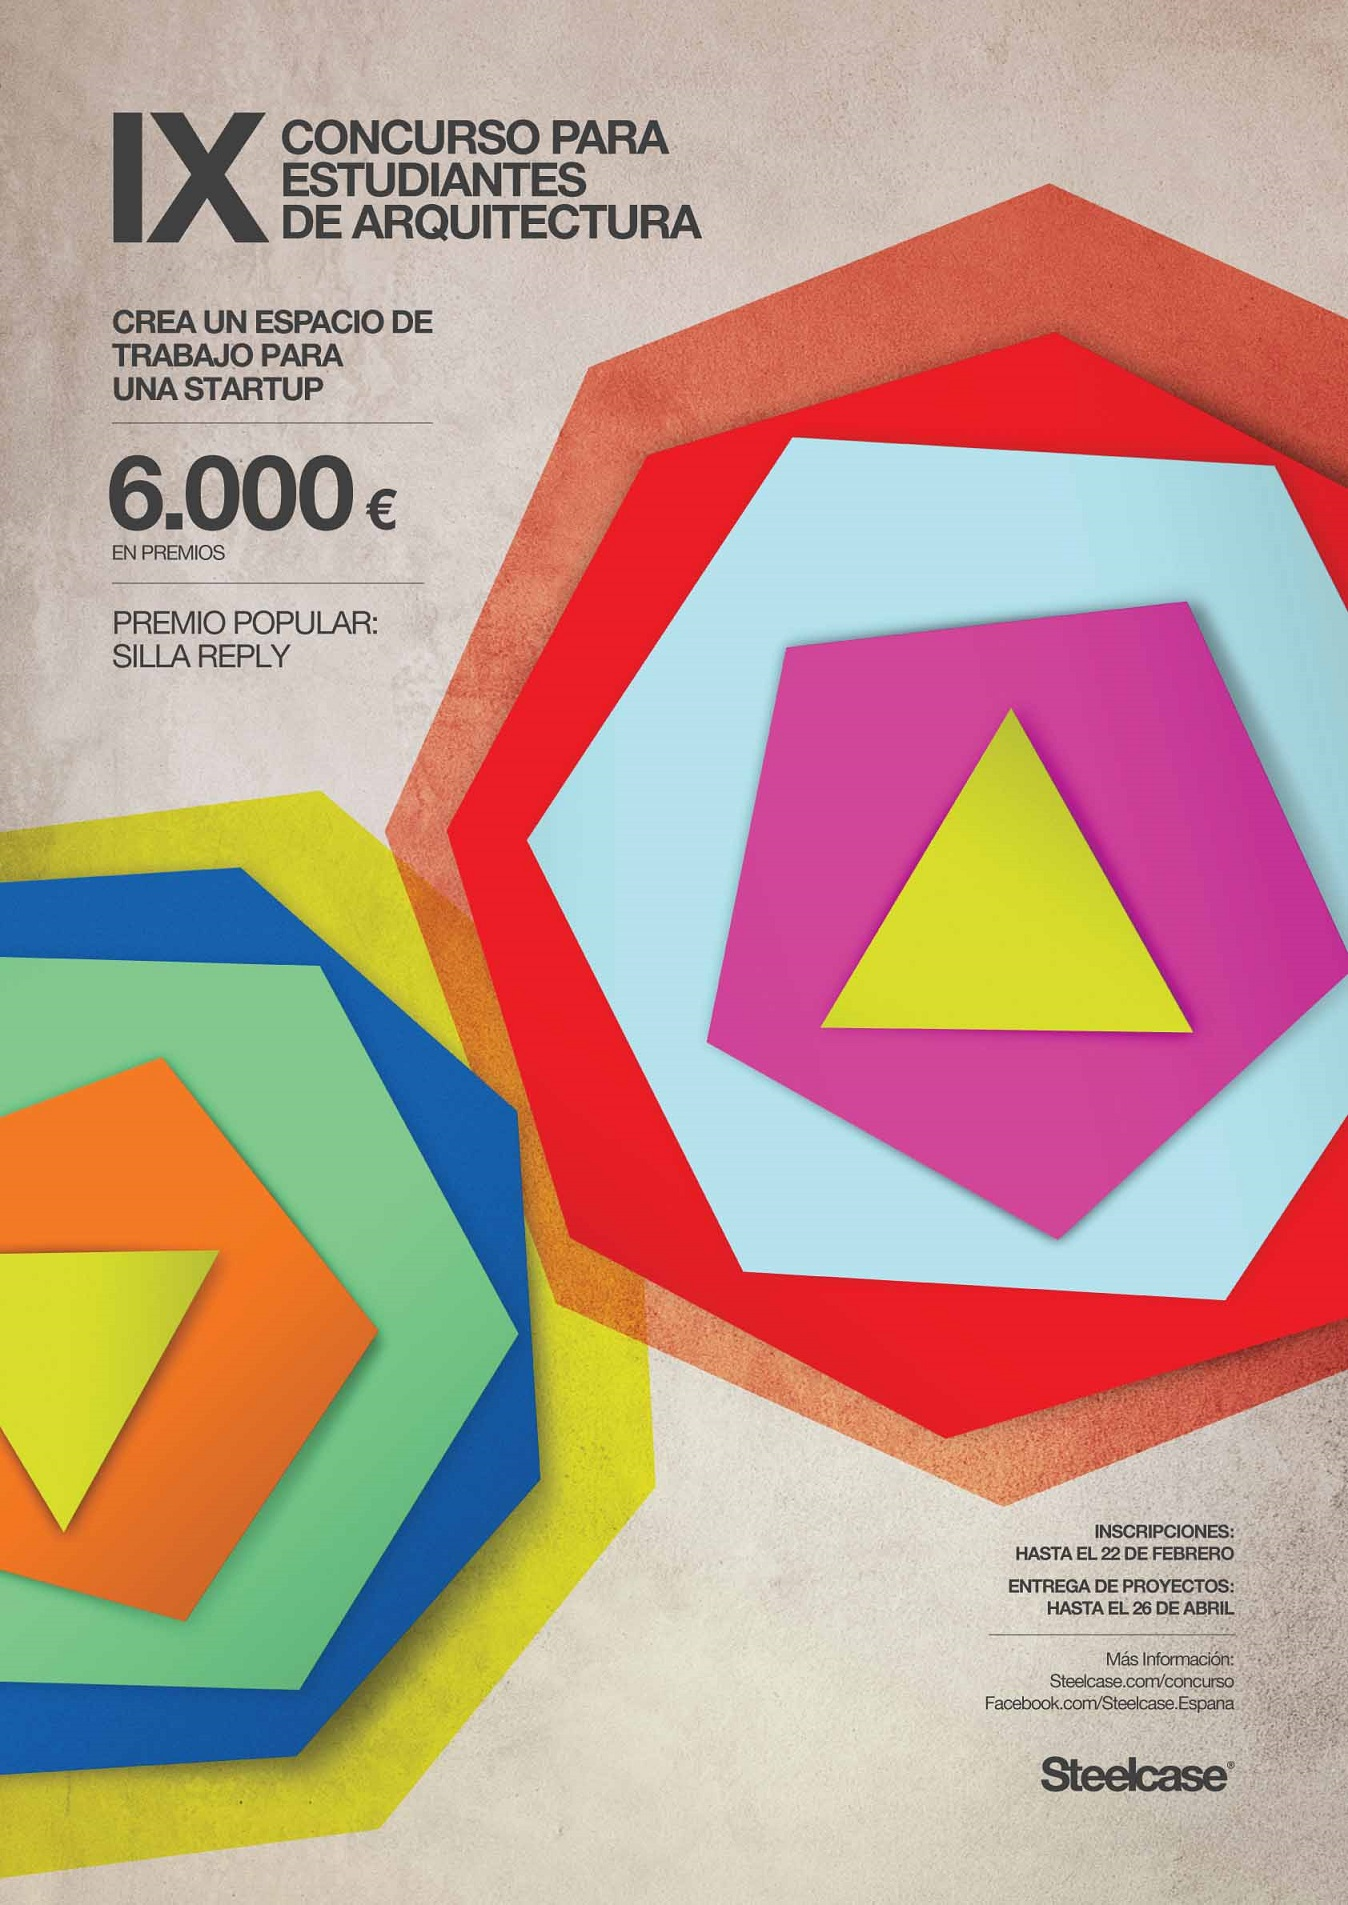 Concursos de diseño. Concurso para estudiantes de arquitectura Steelcase